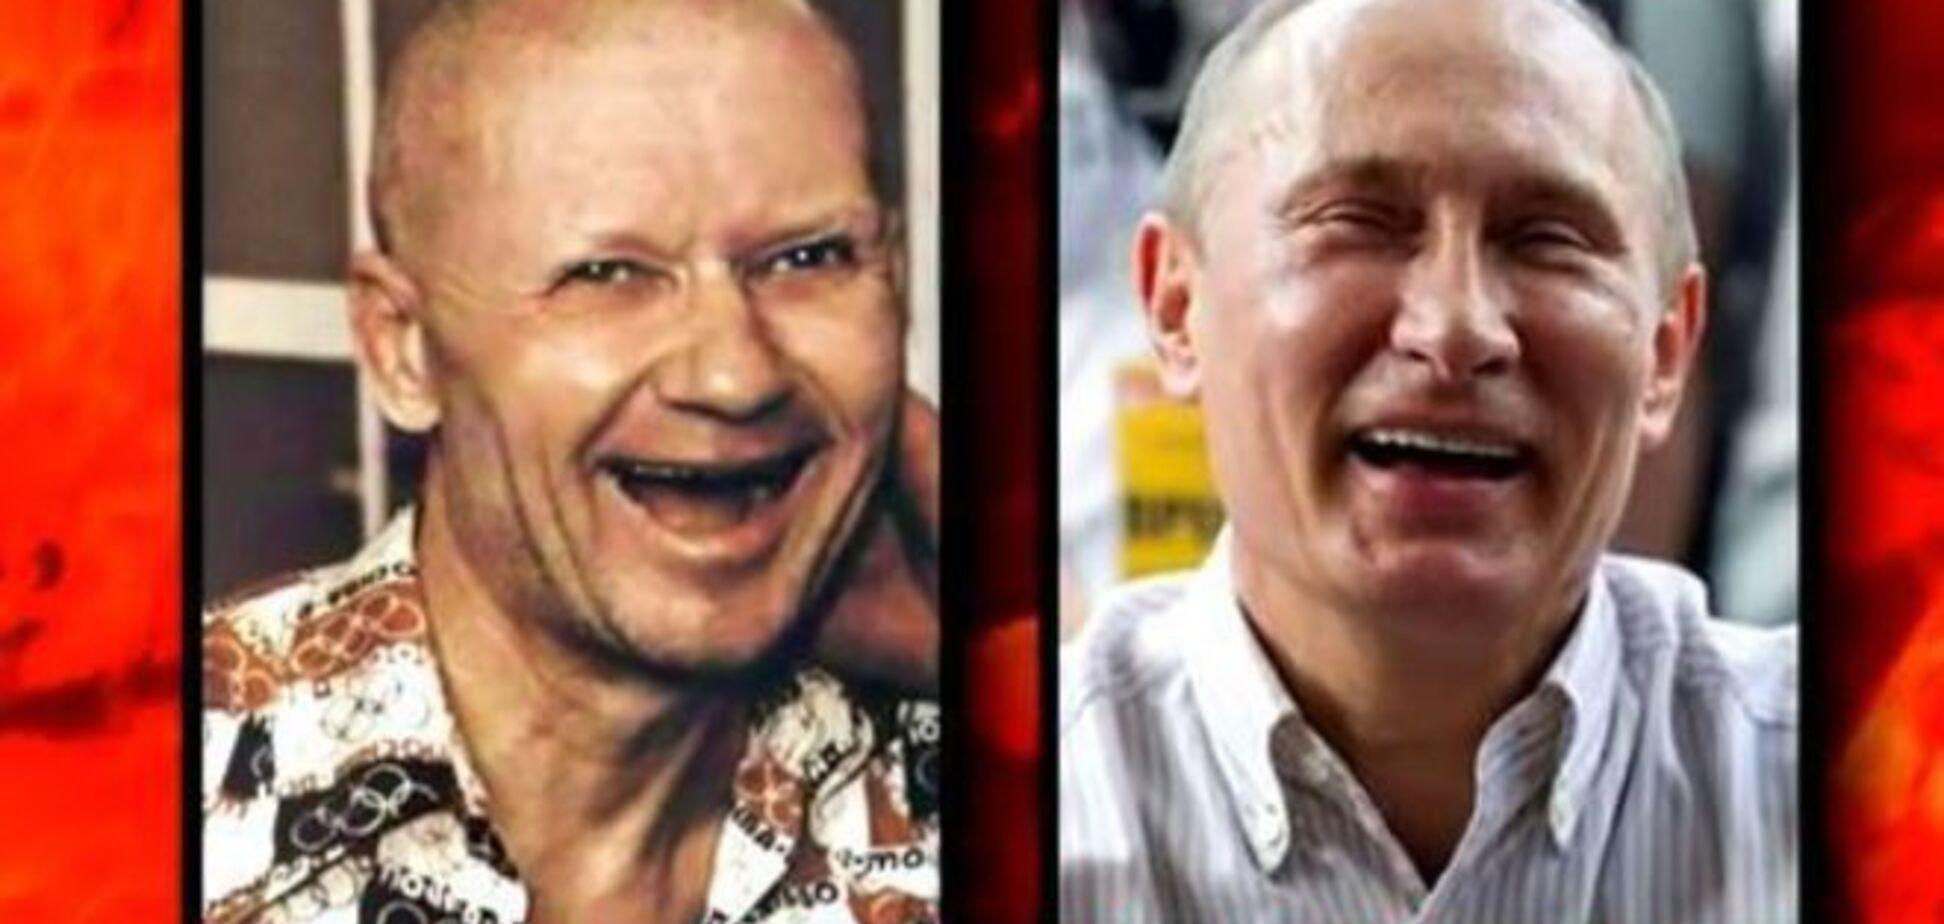 Путин vs Чикатило: соцсети взбудоражила очевидная схожесть президента с серийным маньяком